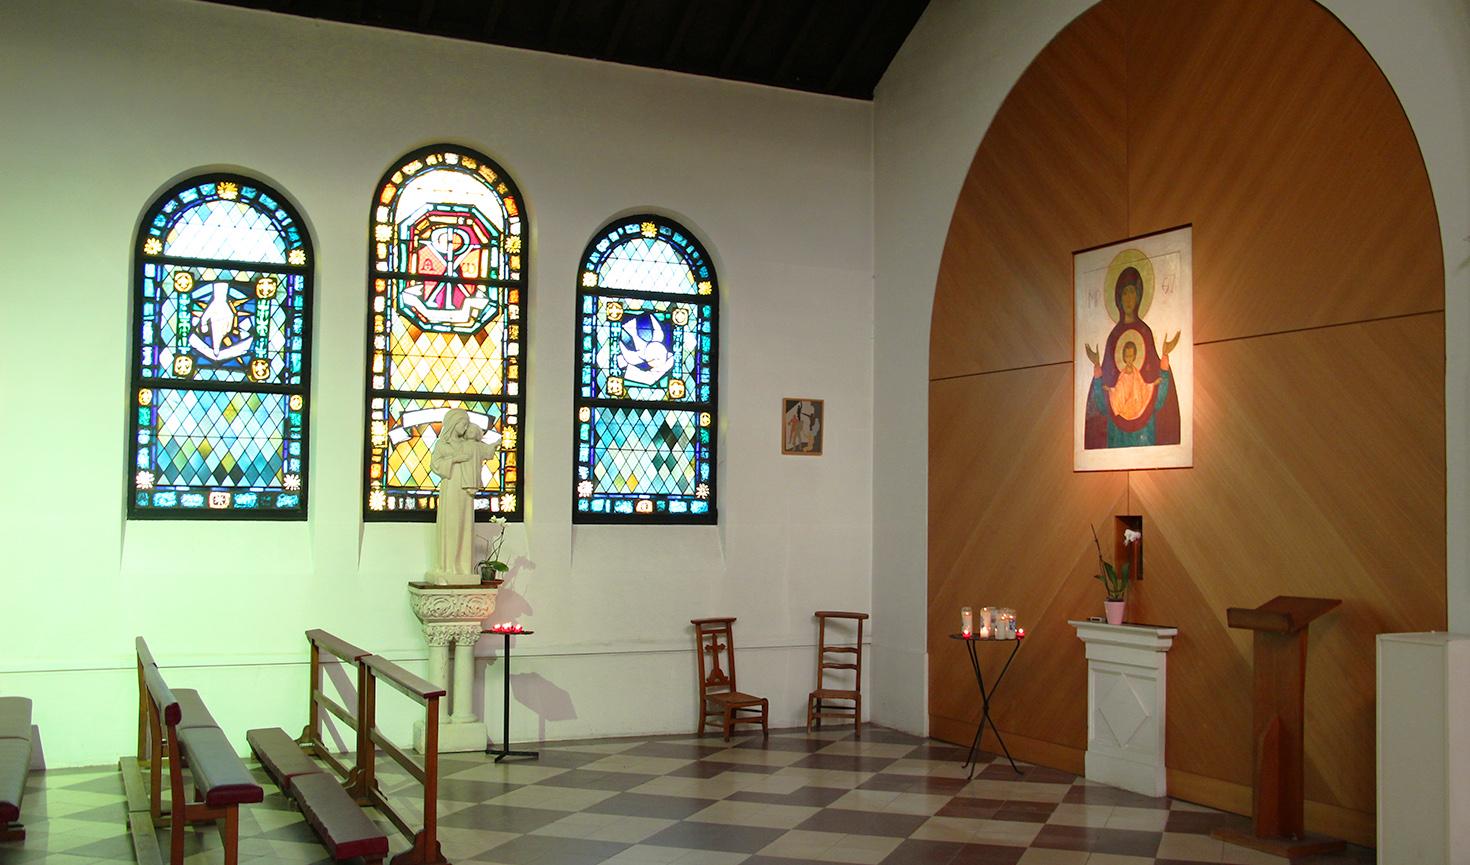 Vitraux de l'église restaurés lors d'une phase de travaux plus d'anciens.